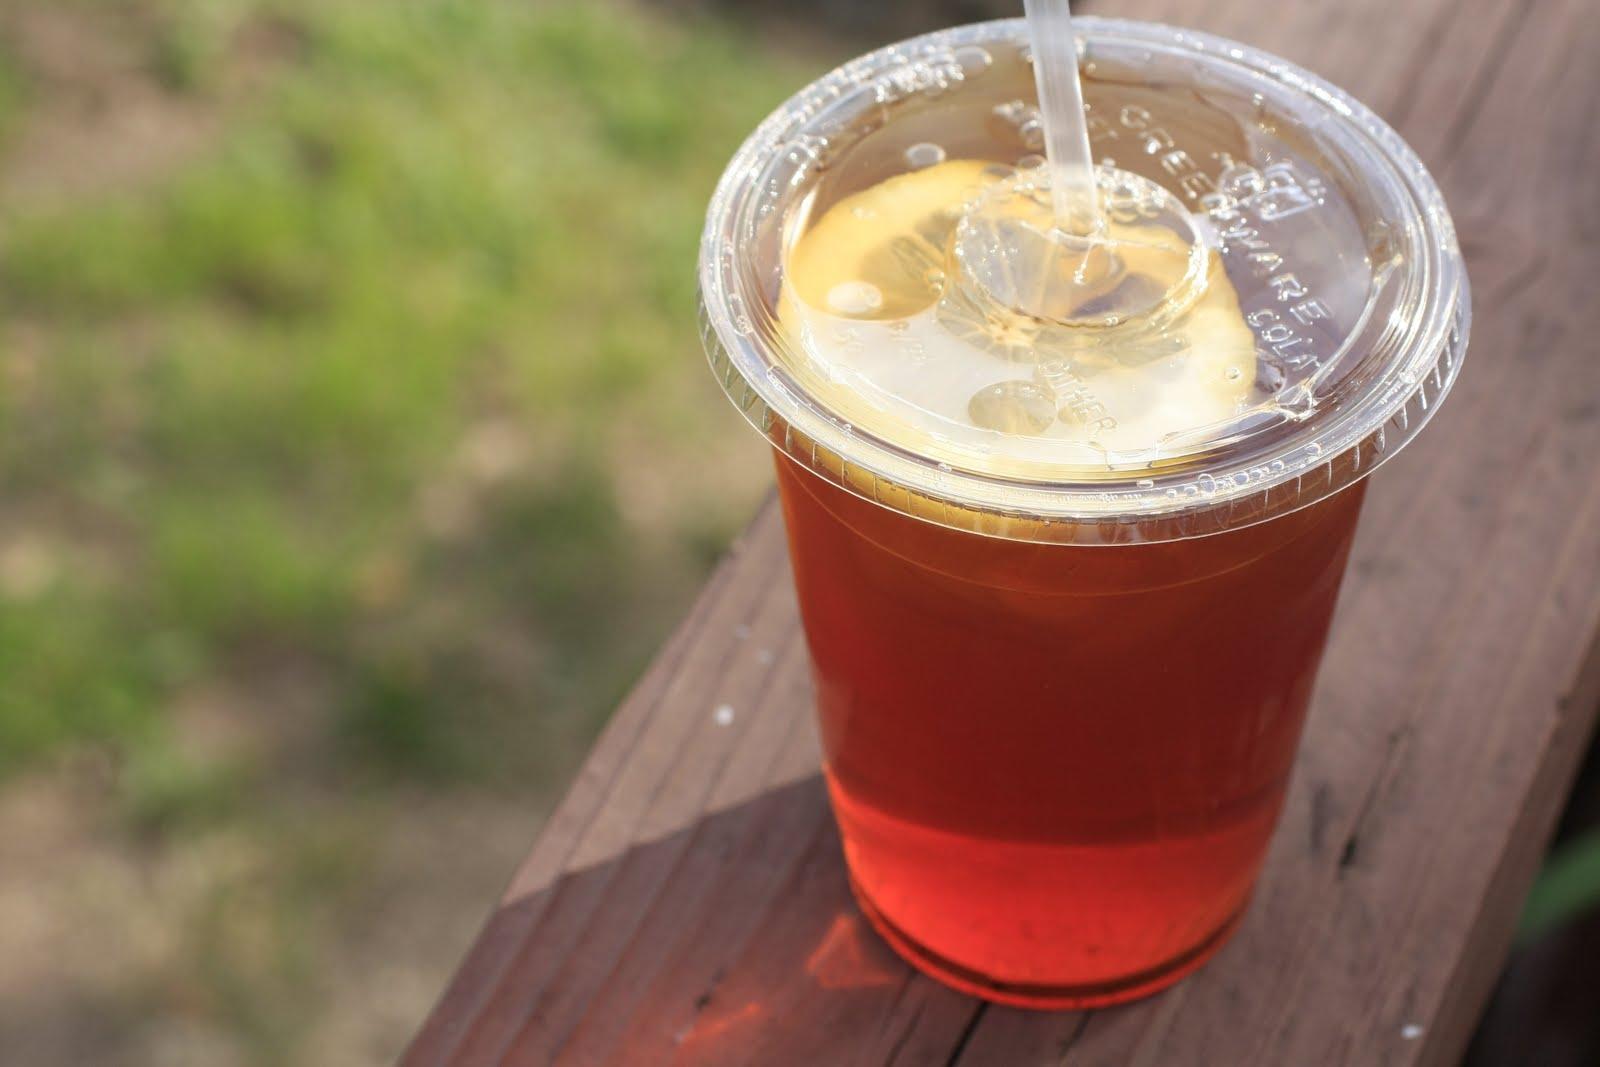 ما السر وراء تغير طعم الشاي في الأكواب البلاستيكيّة؟